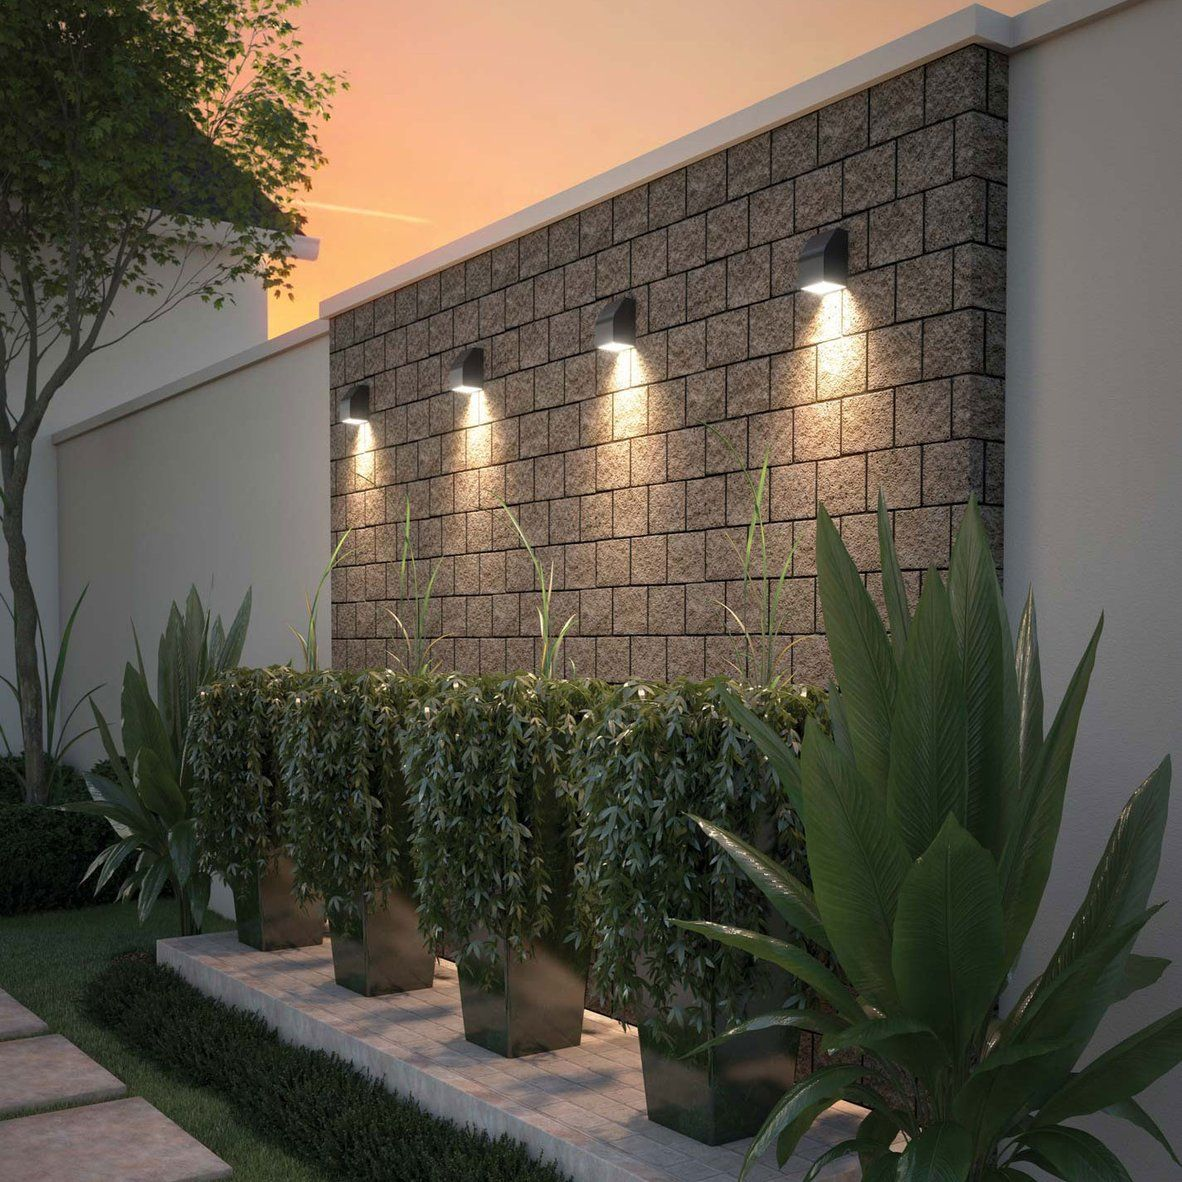 Neutrino Outdoor Wall Light Outdoor Gardens Design Garden Lighting Design Outdoor Garden Lighting